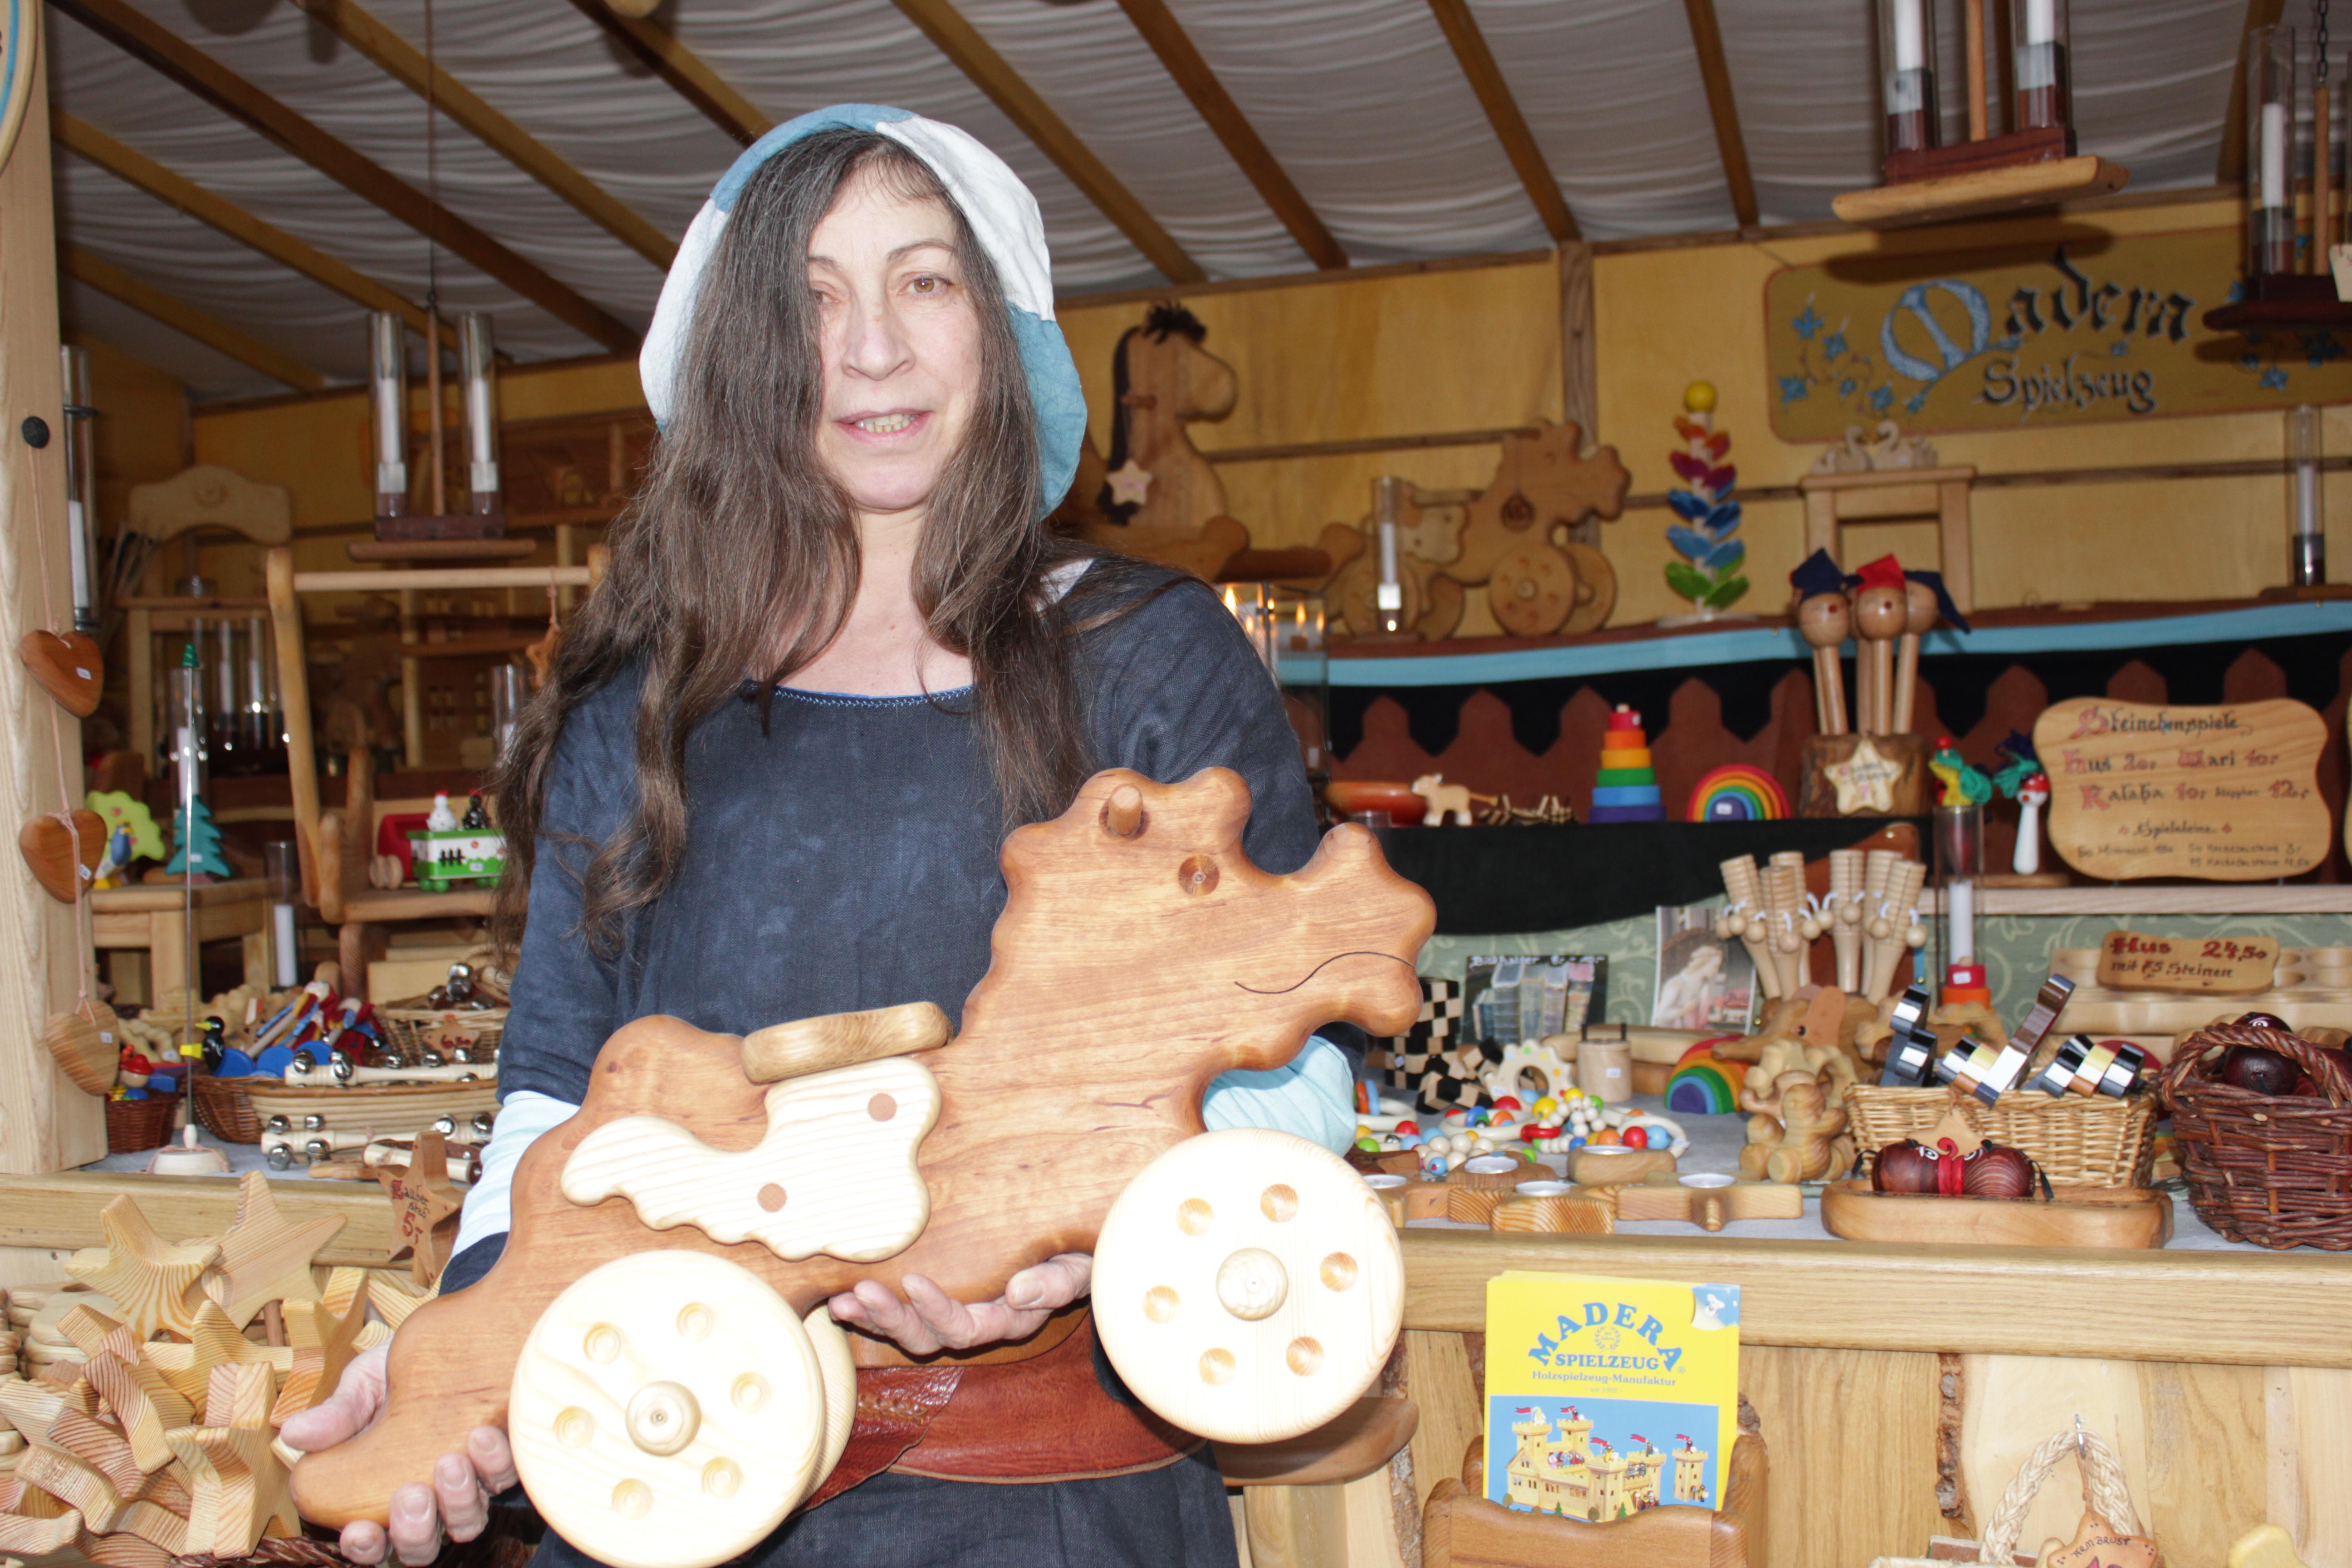 Verkäuferin zeigt Holzdrachenlaufrad vor dem Madera Stand